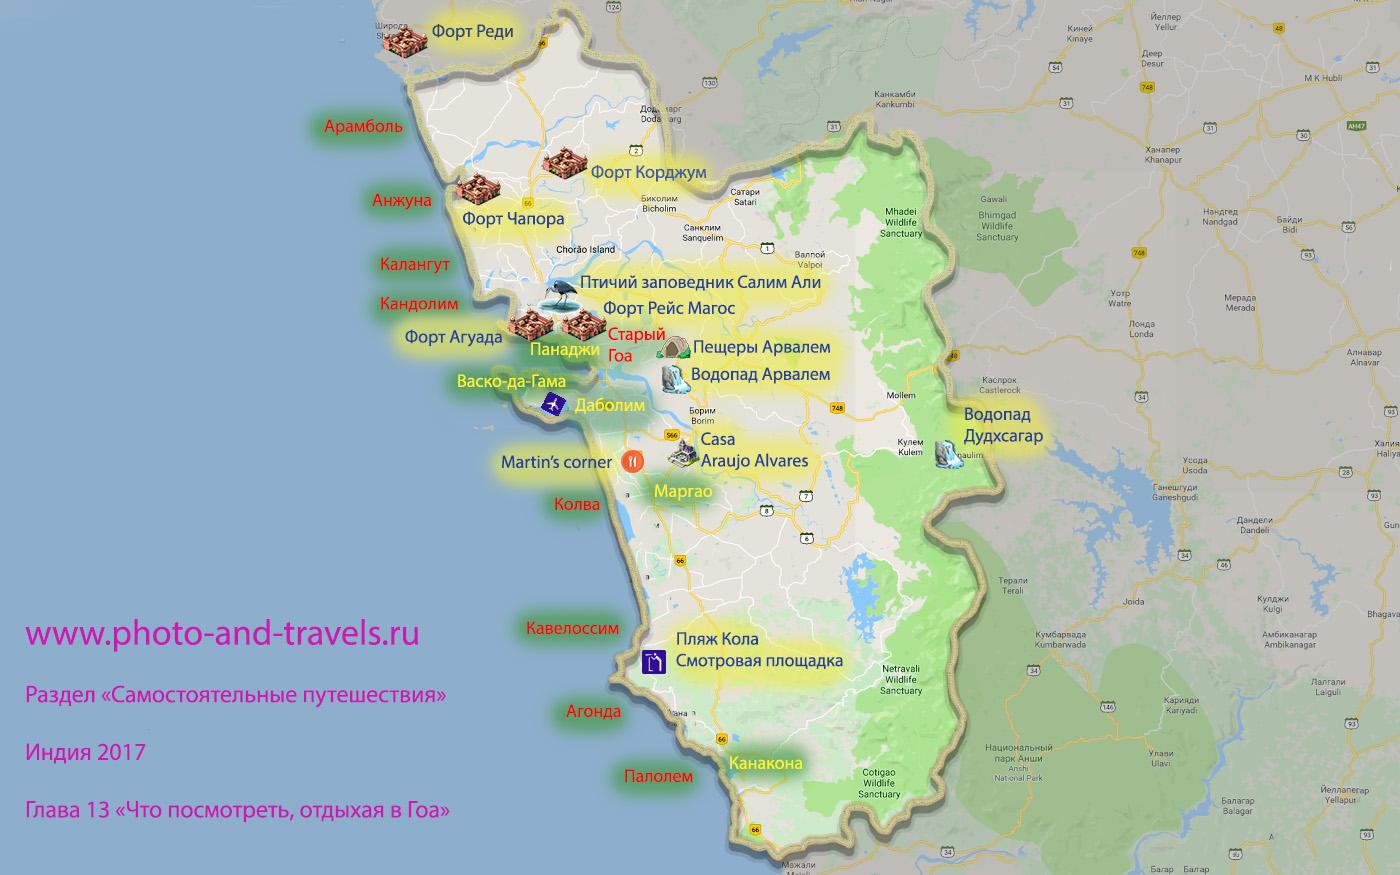 38. Карта расположения достопримечательностей в Гоа, которые можно посетить во время отдыха. Интересные места в Индии.